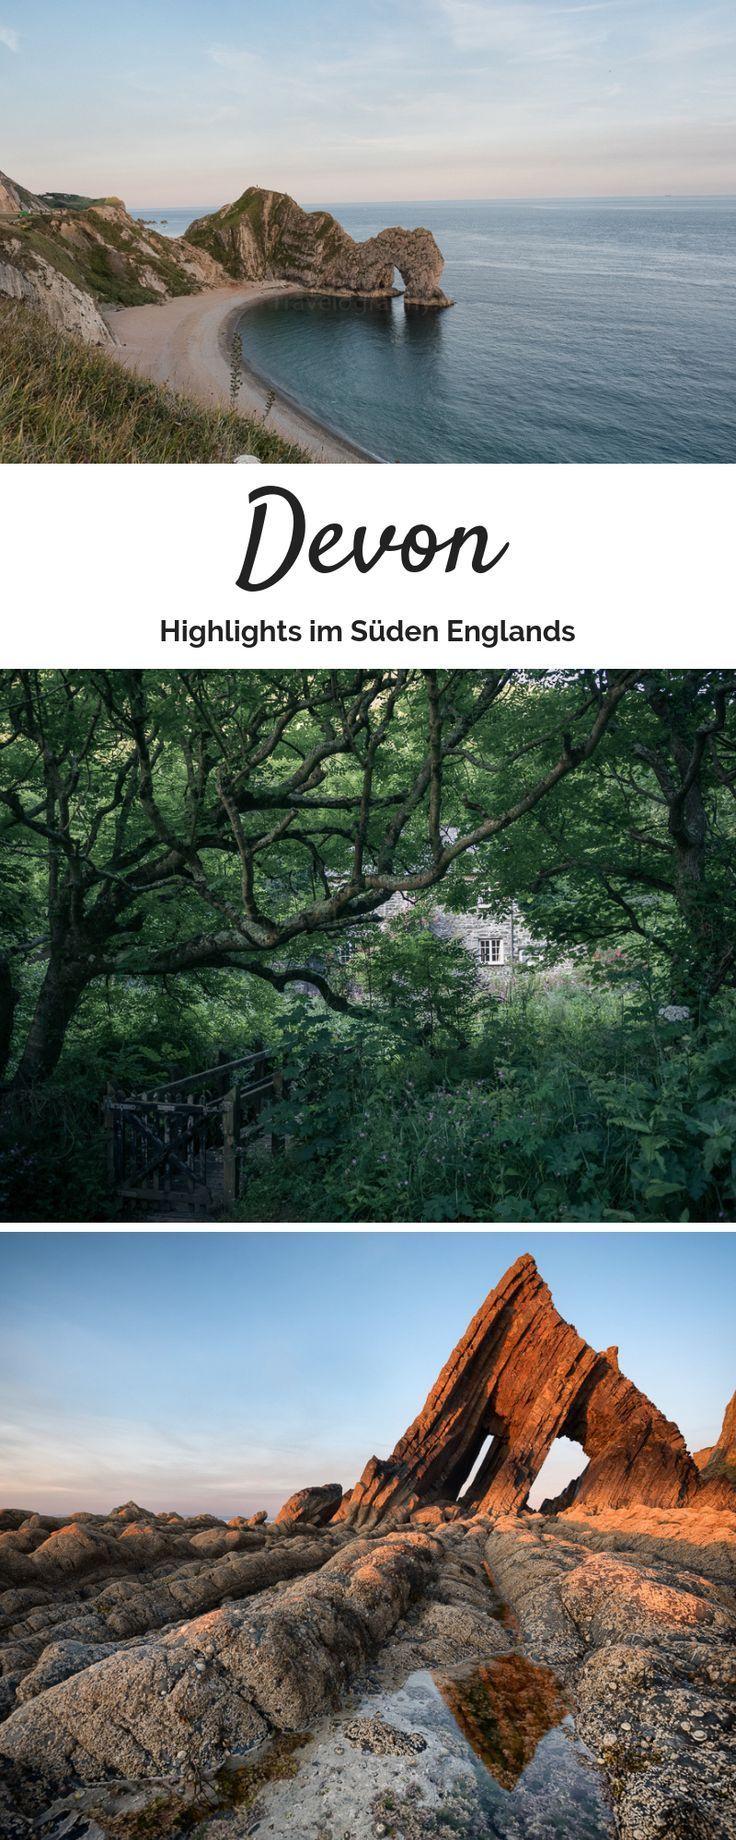 Wie Südengland einfach nur rockt! Highlights meines Mini-Roadtrips durch Devon